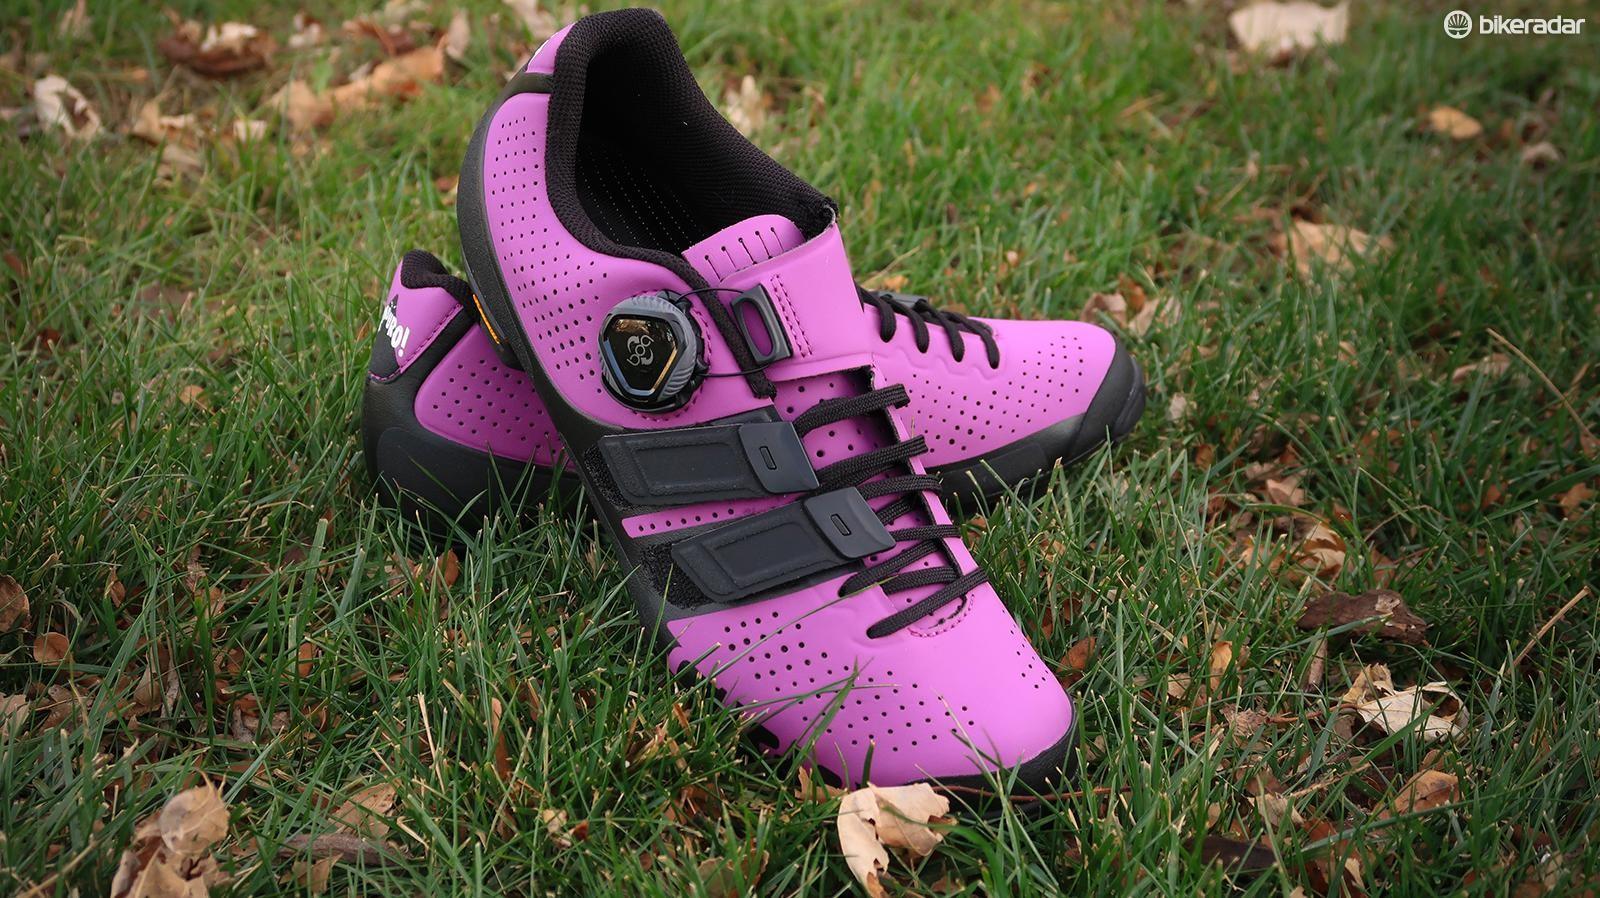 Techlace has made its way to Giro's mountain bike shoes